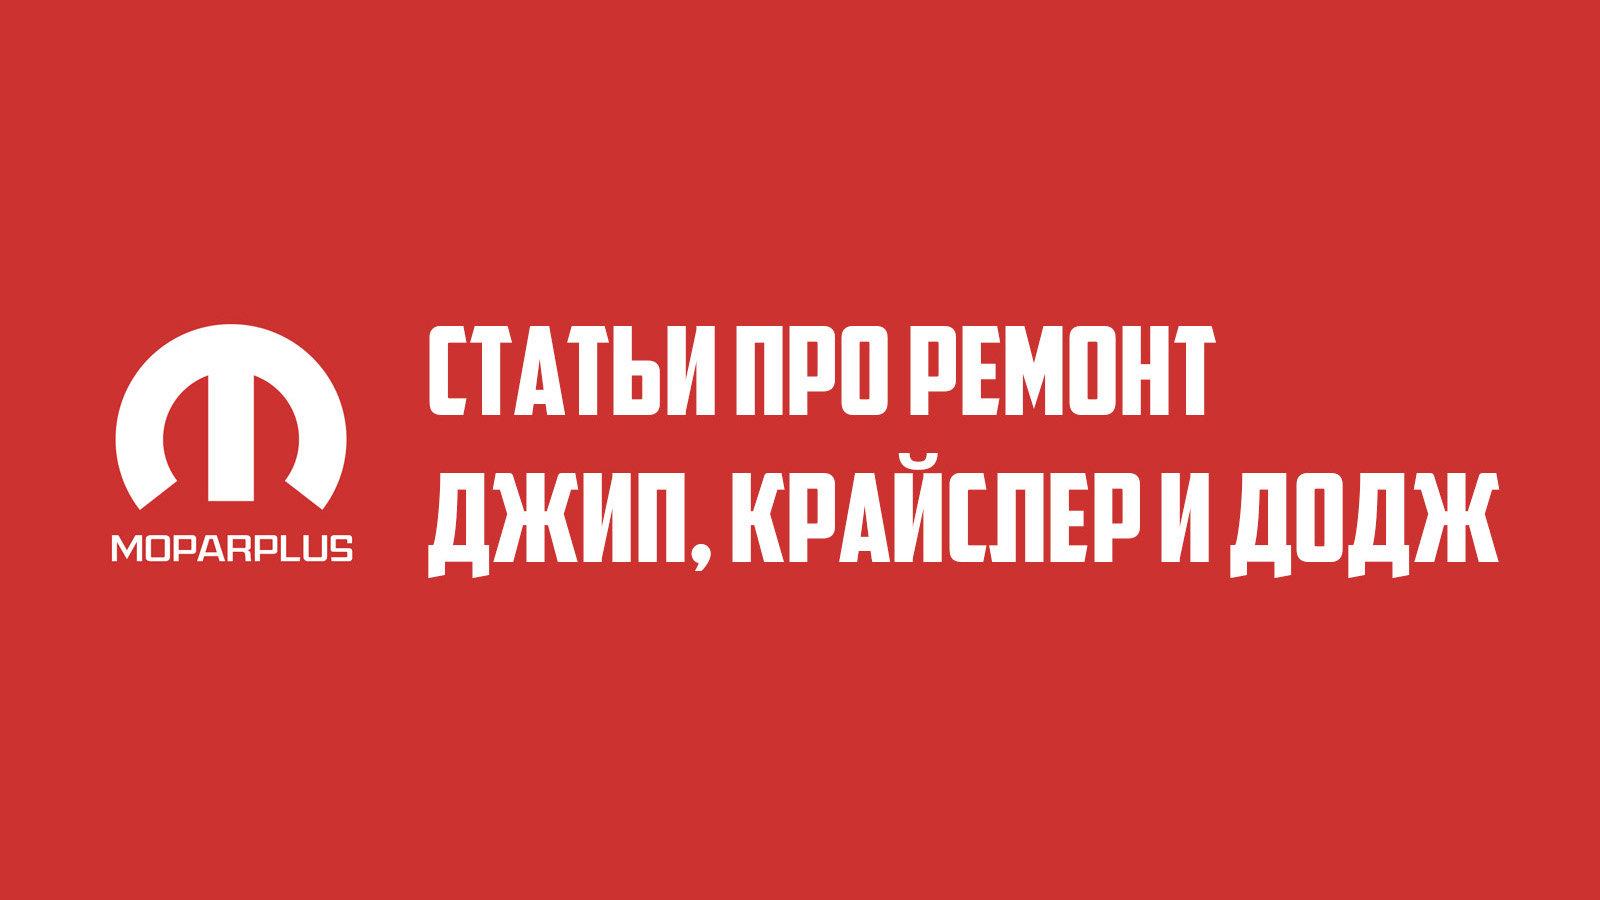 Статьи про ремонт. Выпуск №6.